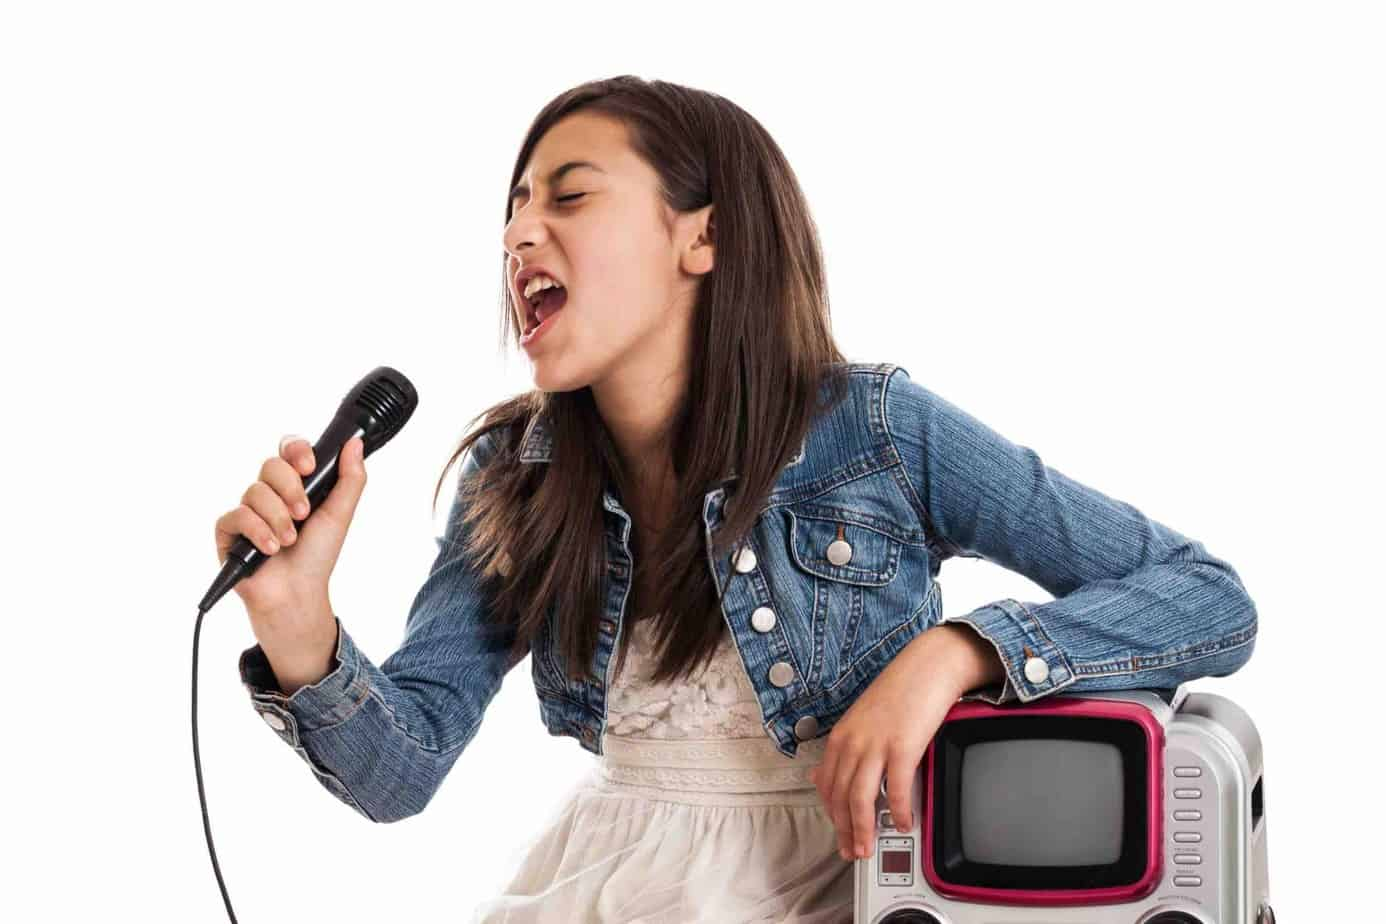 Best Karaoke Machines for Kids & Adults